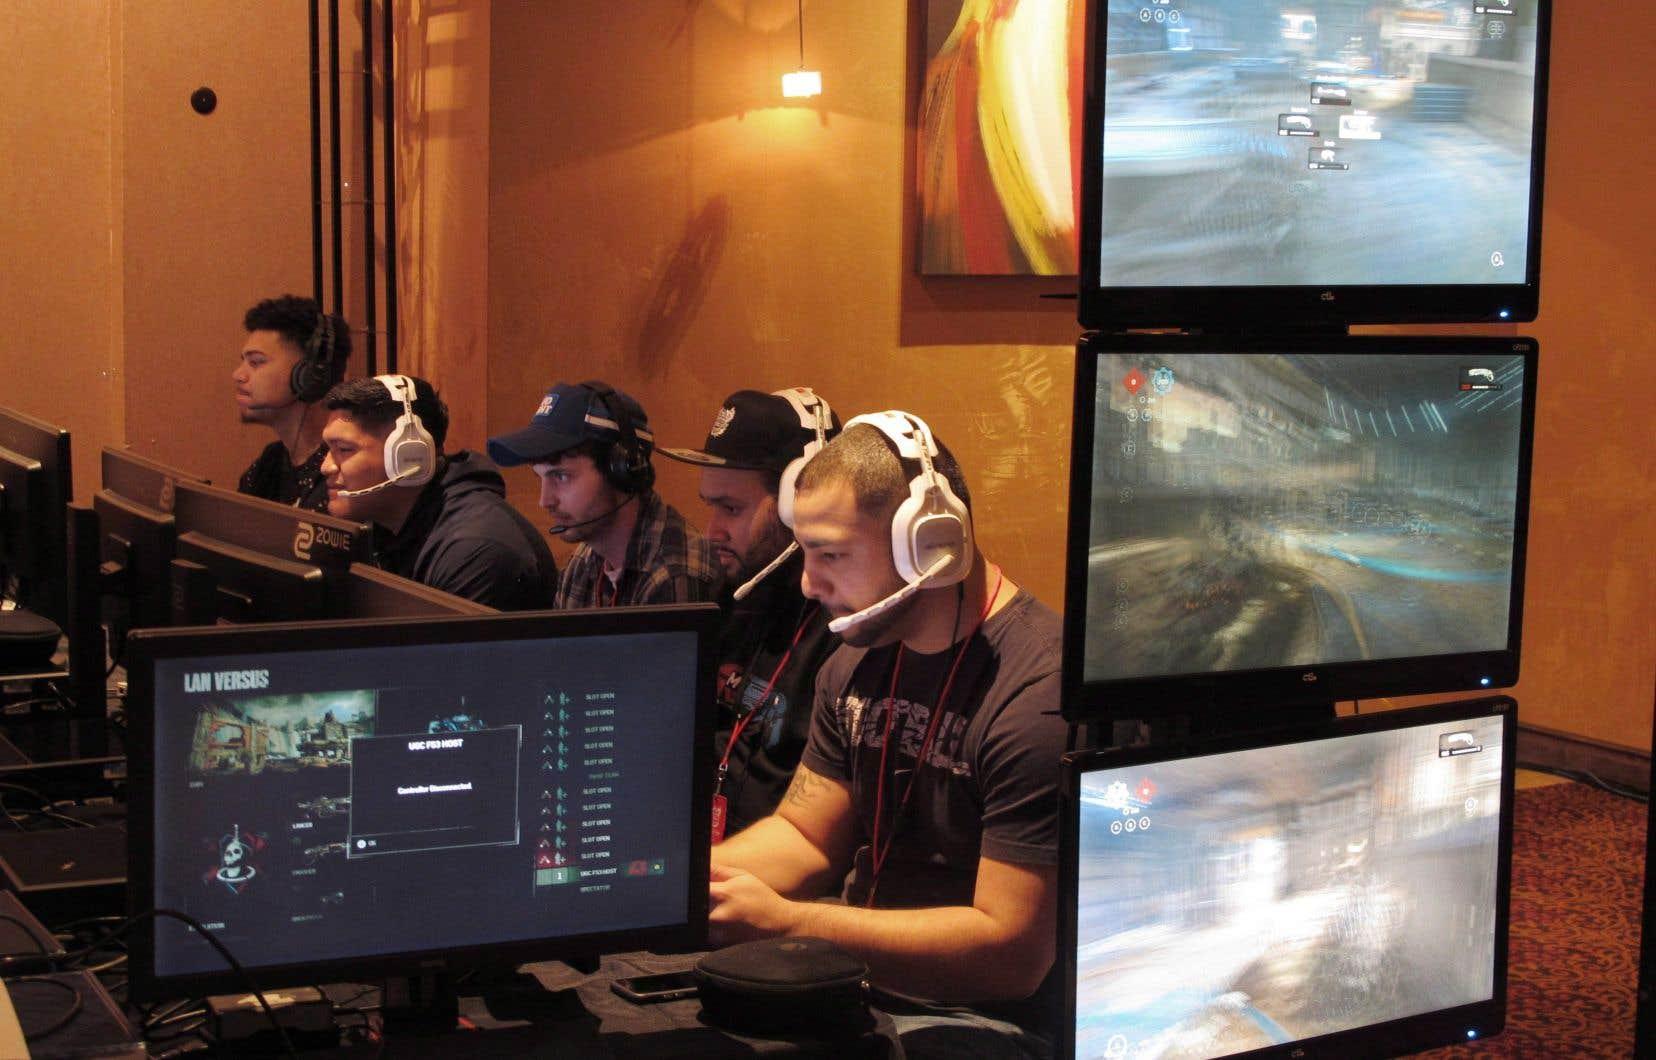 Selon une étude de TechnoCompétences réalisée en 2016, l'industrie québécoise du jeu vidéo comptait alors 9970 employés, huit fois plus qu'en 2002.